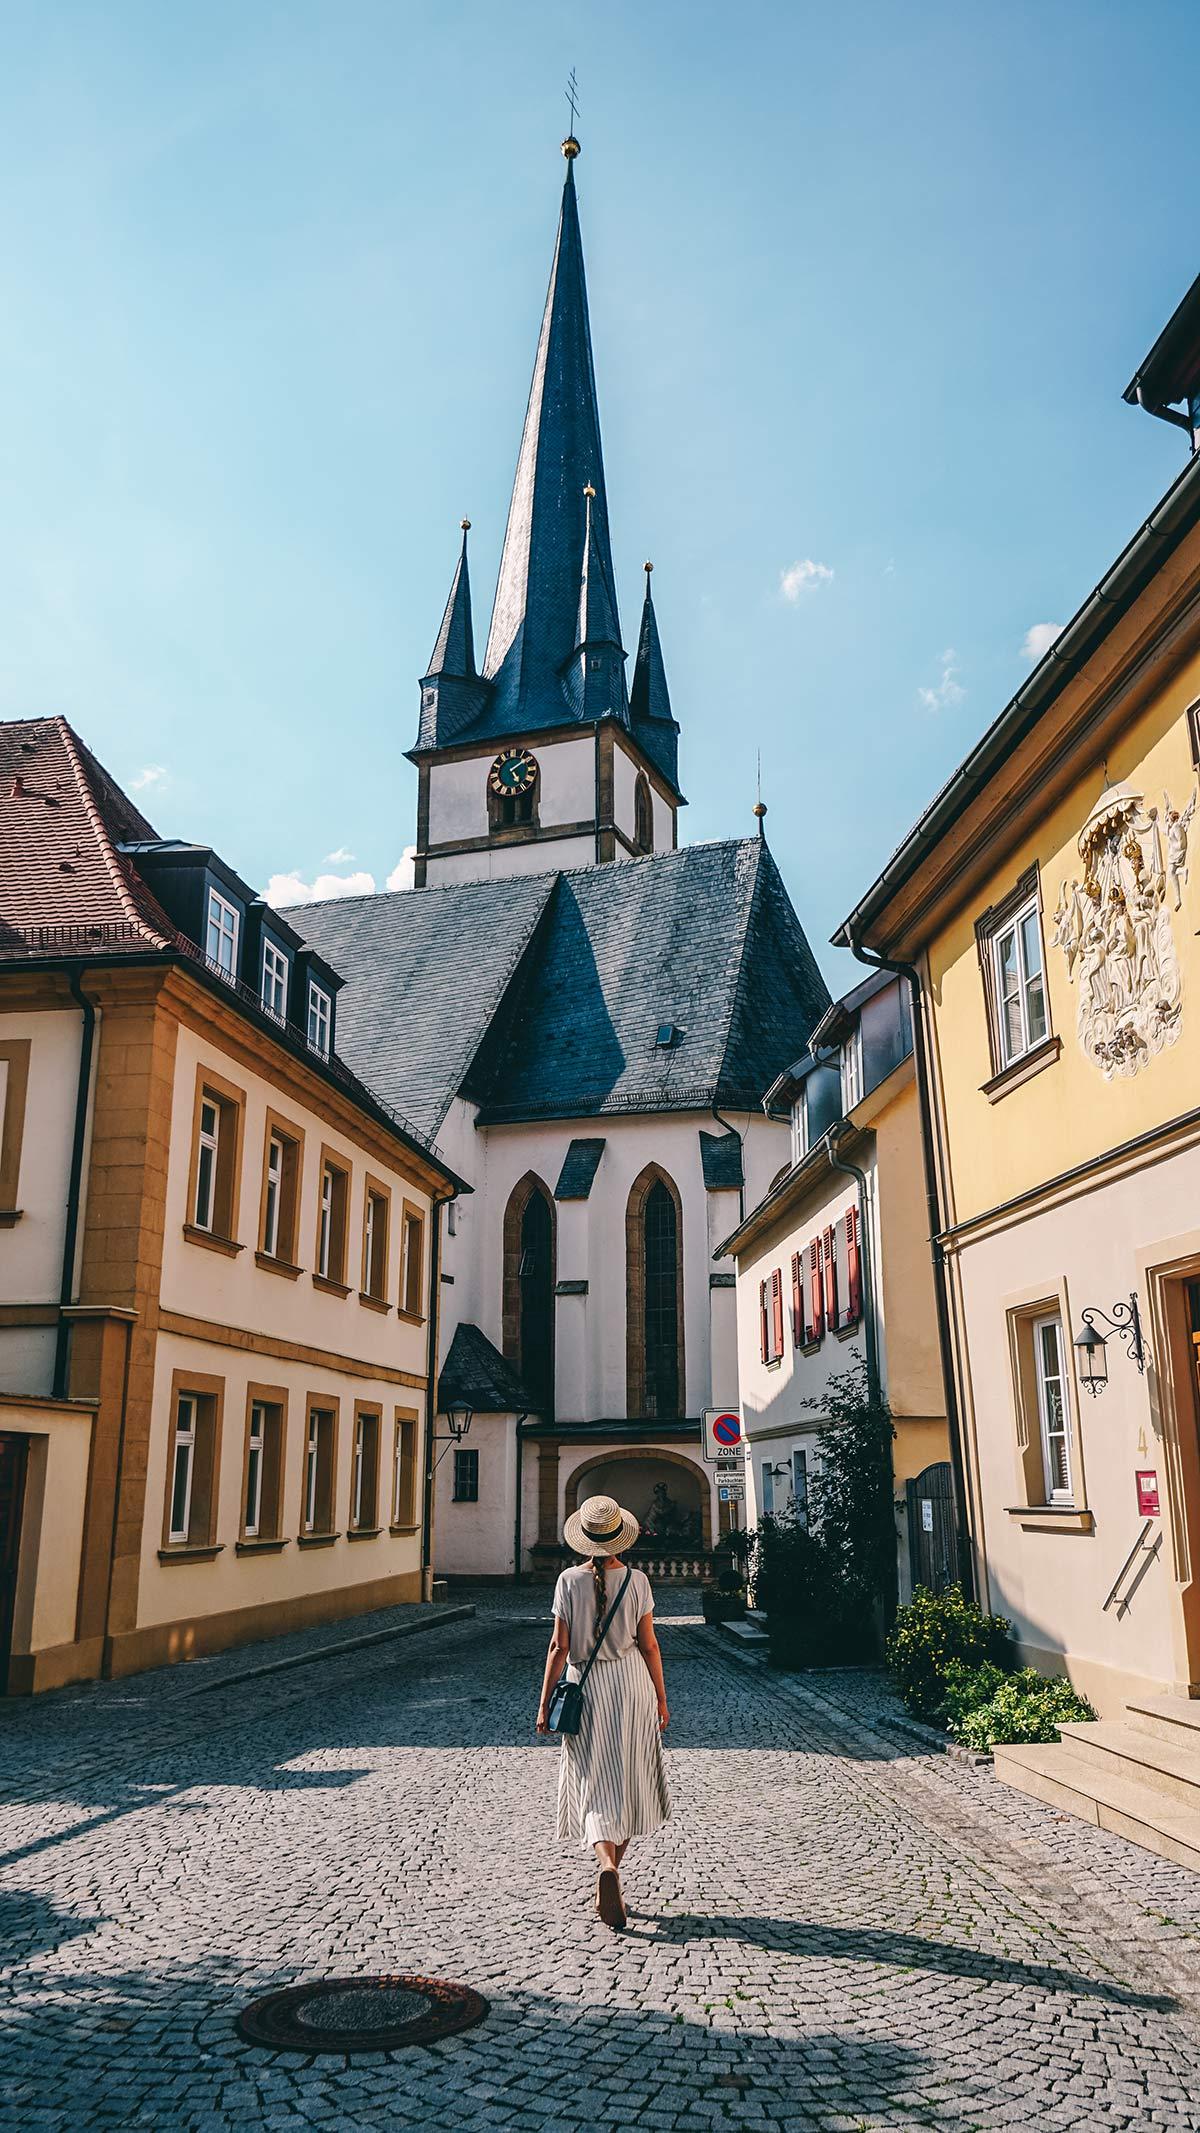 Pfarrkirche St. Kilian Bad Staffelstein